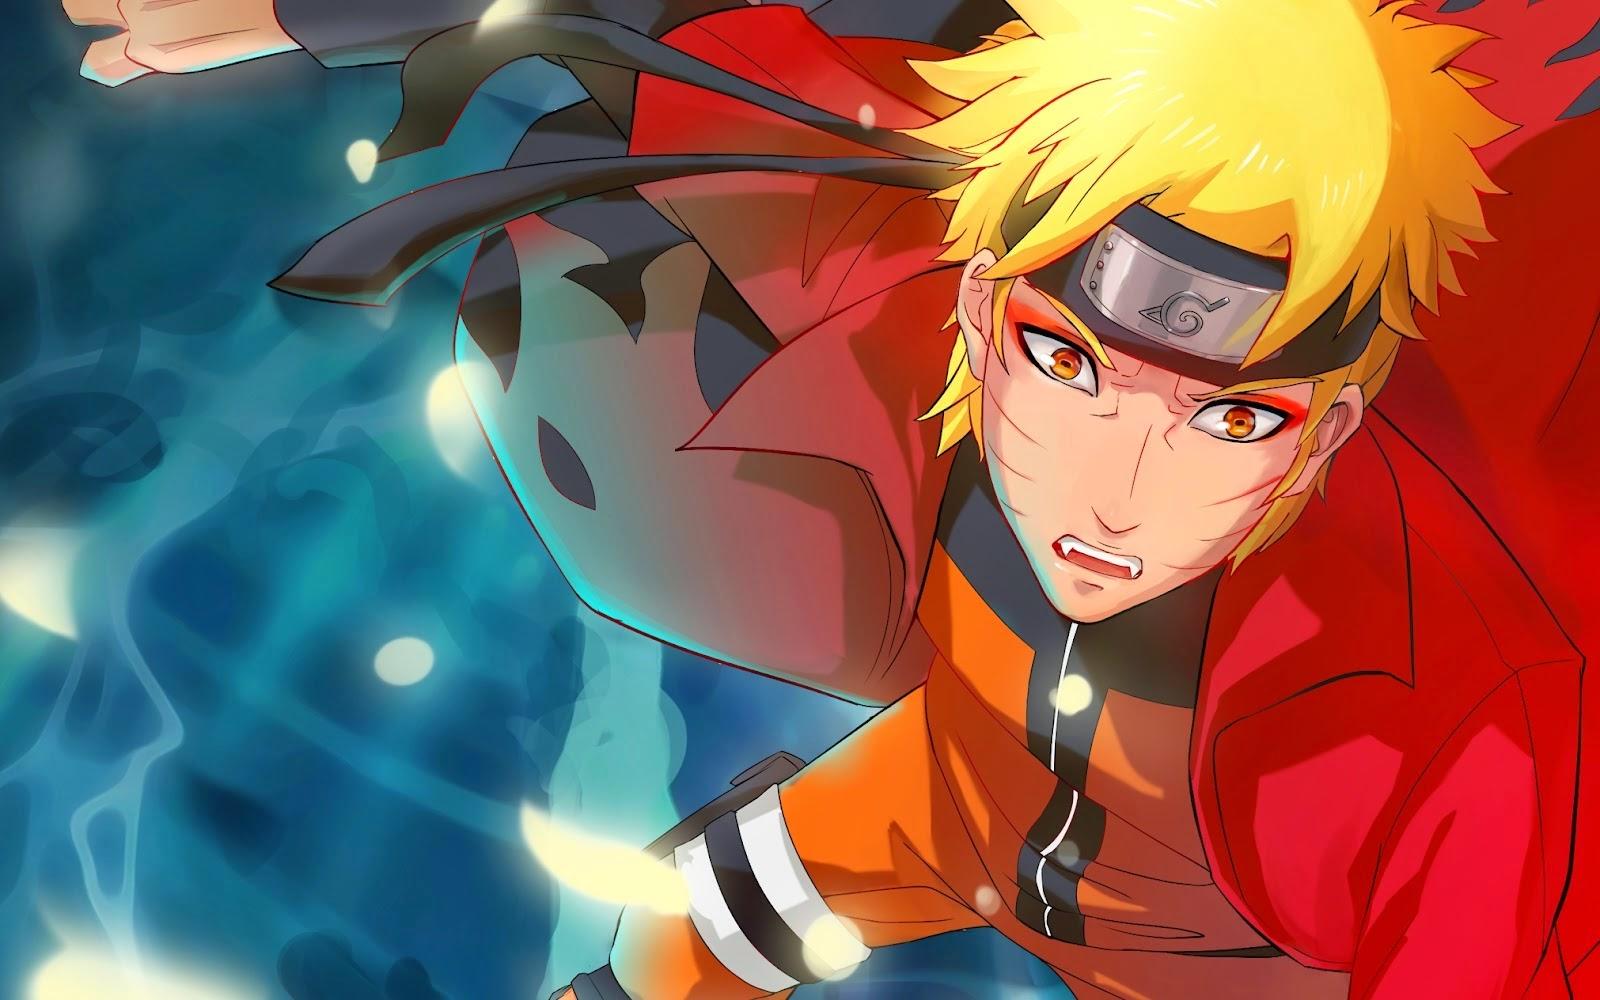 Kumpulan Gambar Naruto Paling Keren Kopi Ireng Com